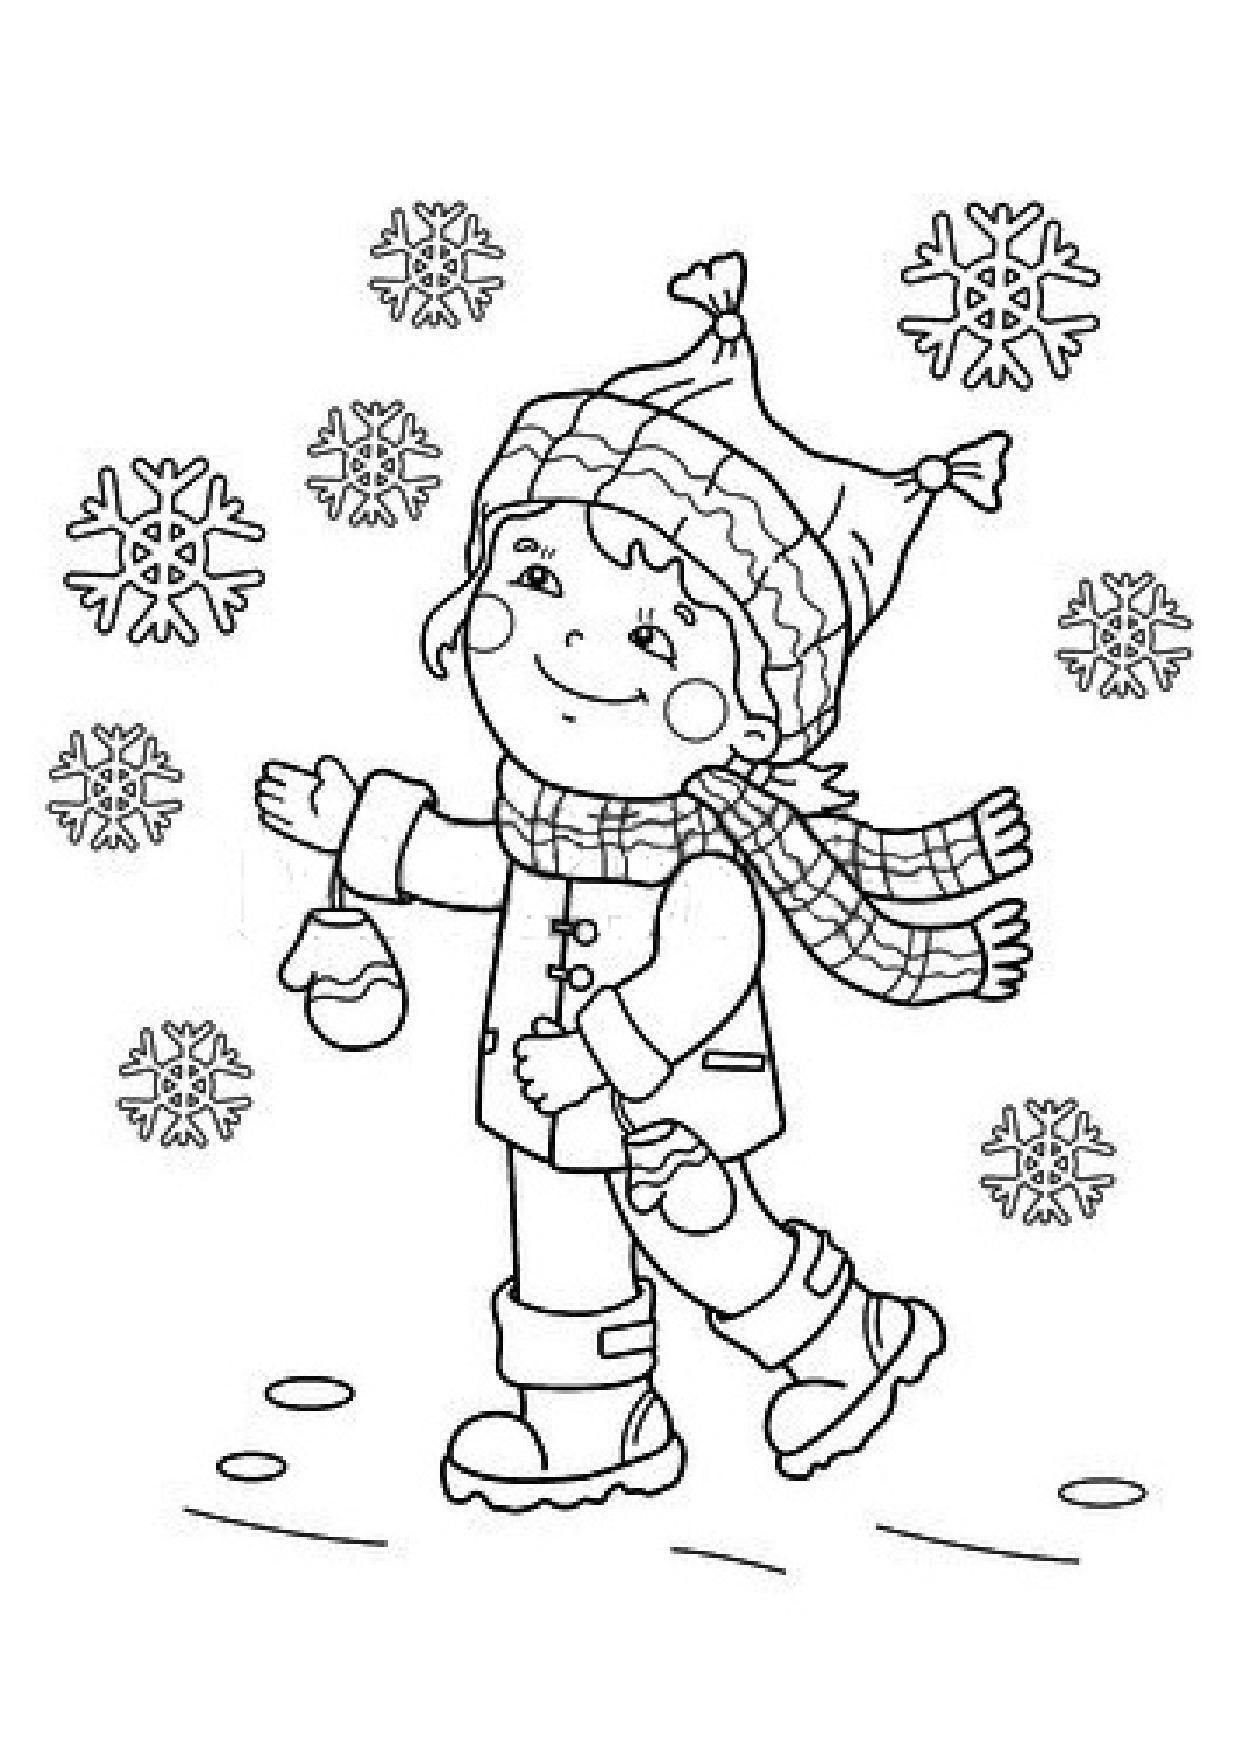 Coloriage enfant et flocons de neige - Enfants coloriage ...